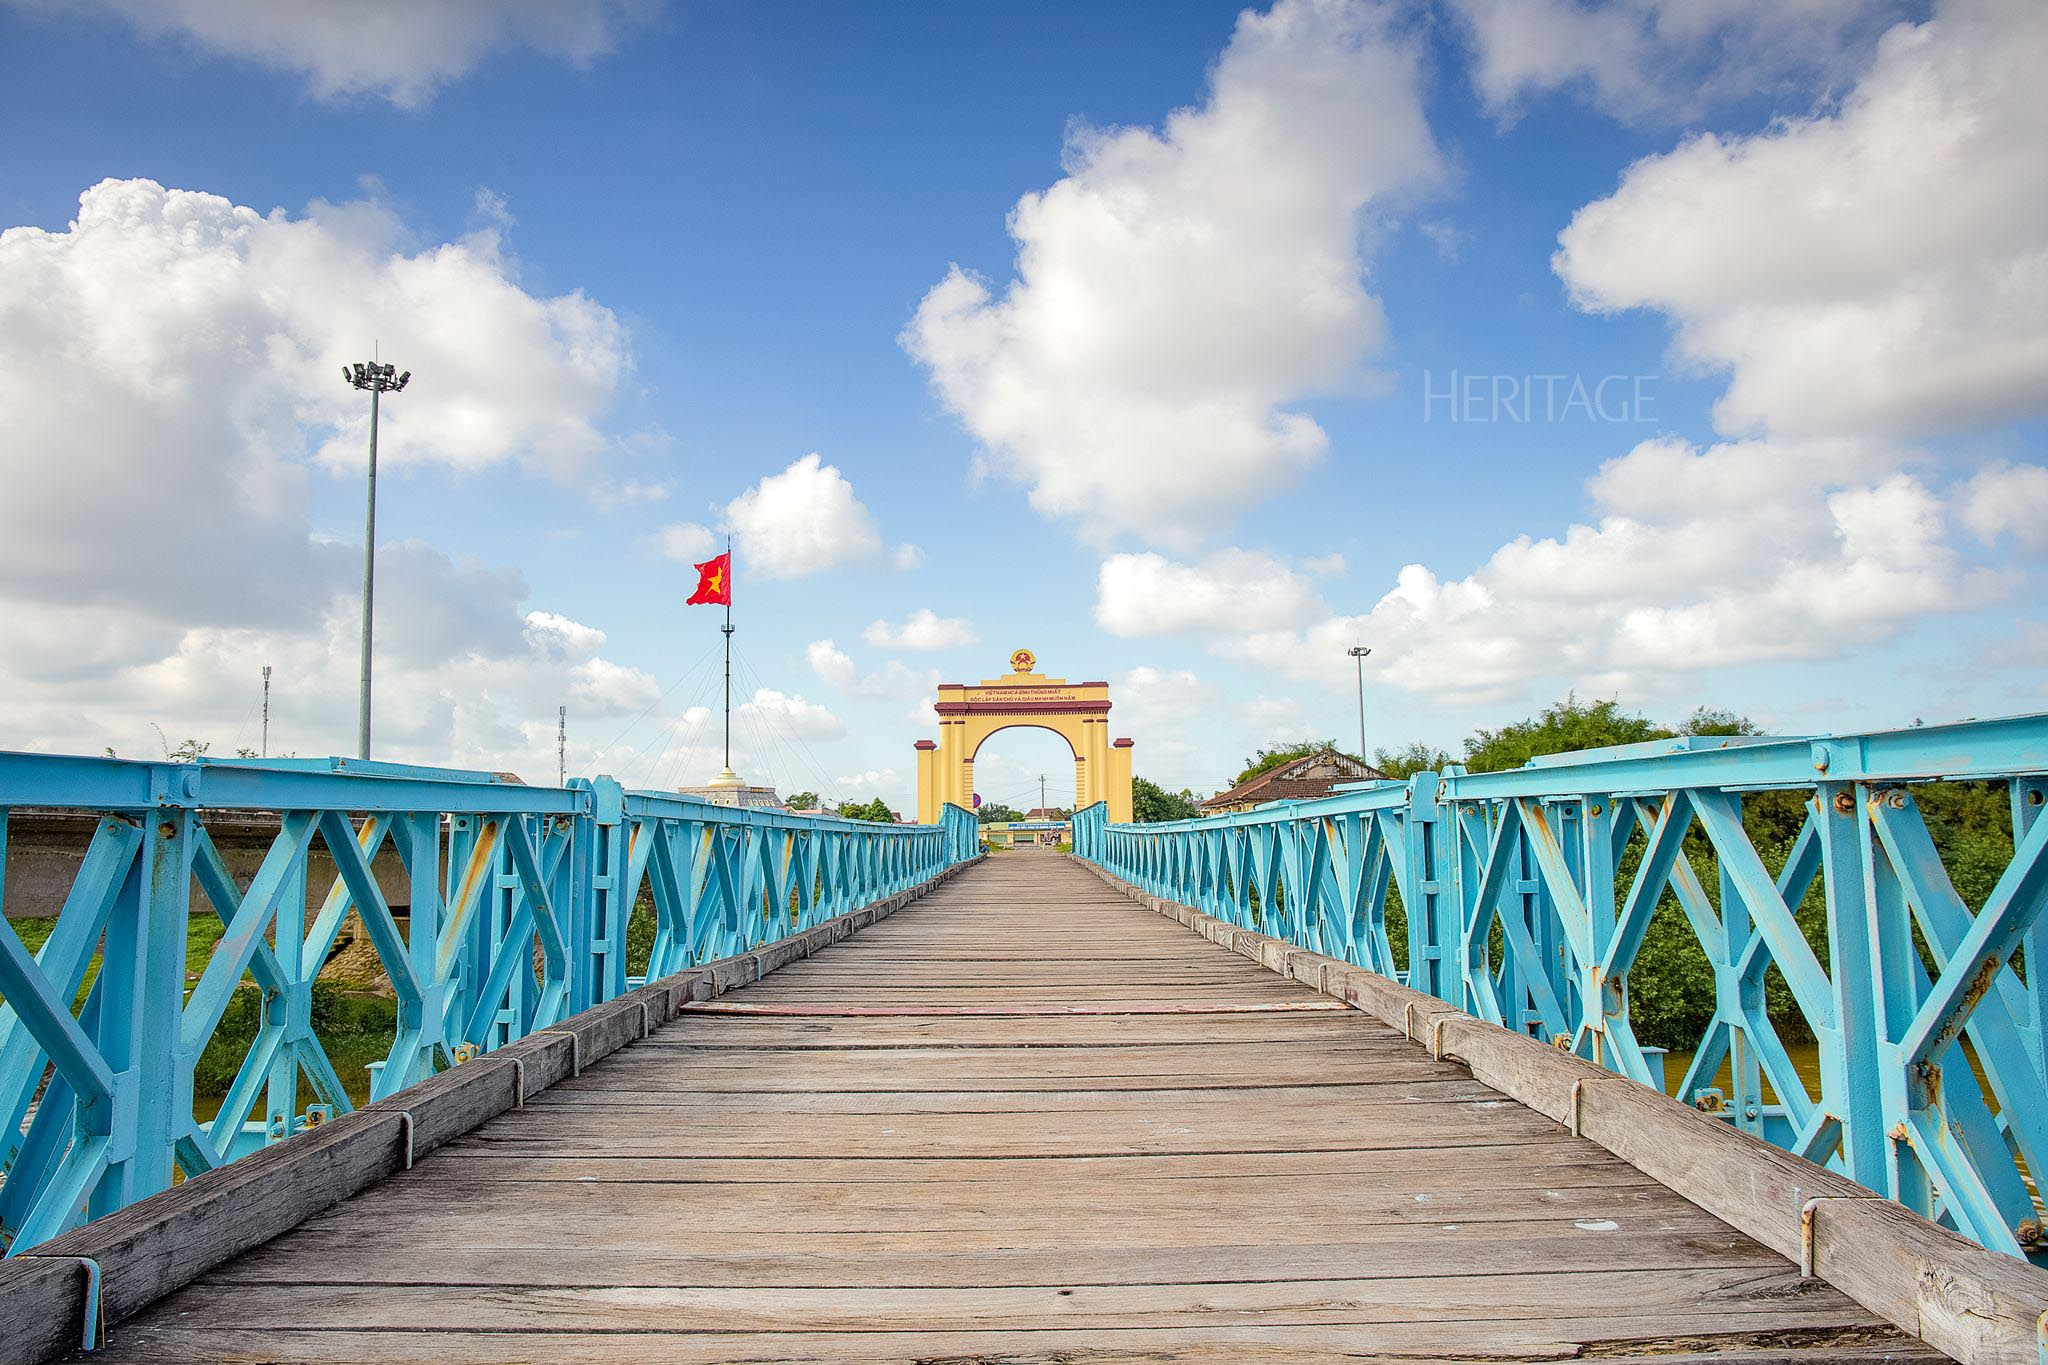 Cầu Hiền Lương